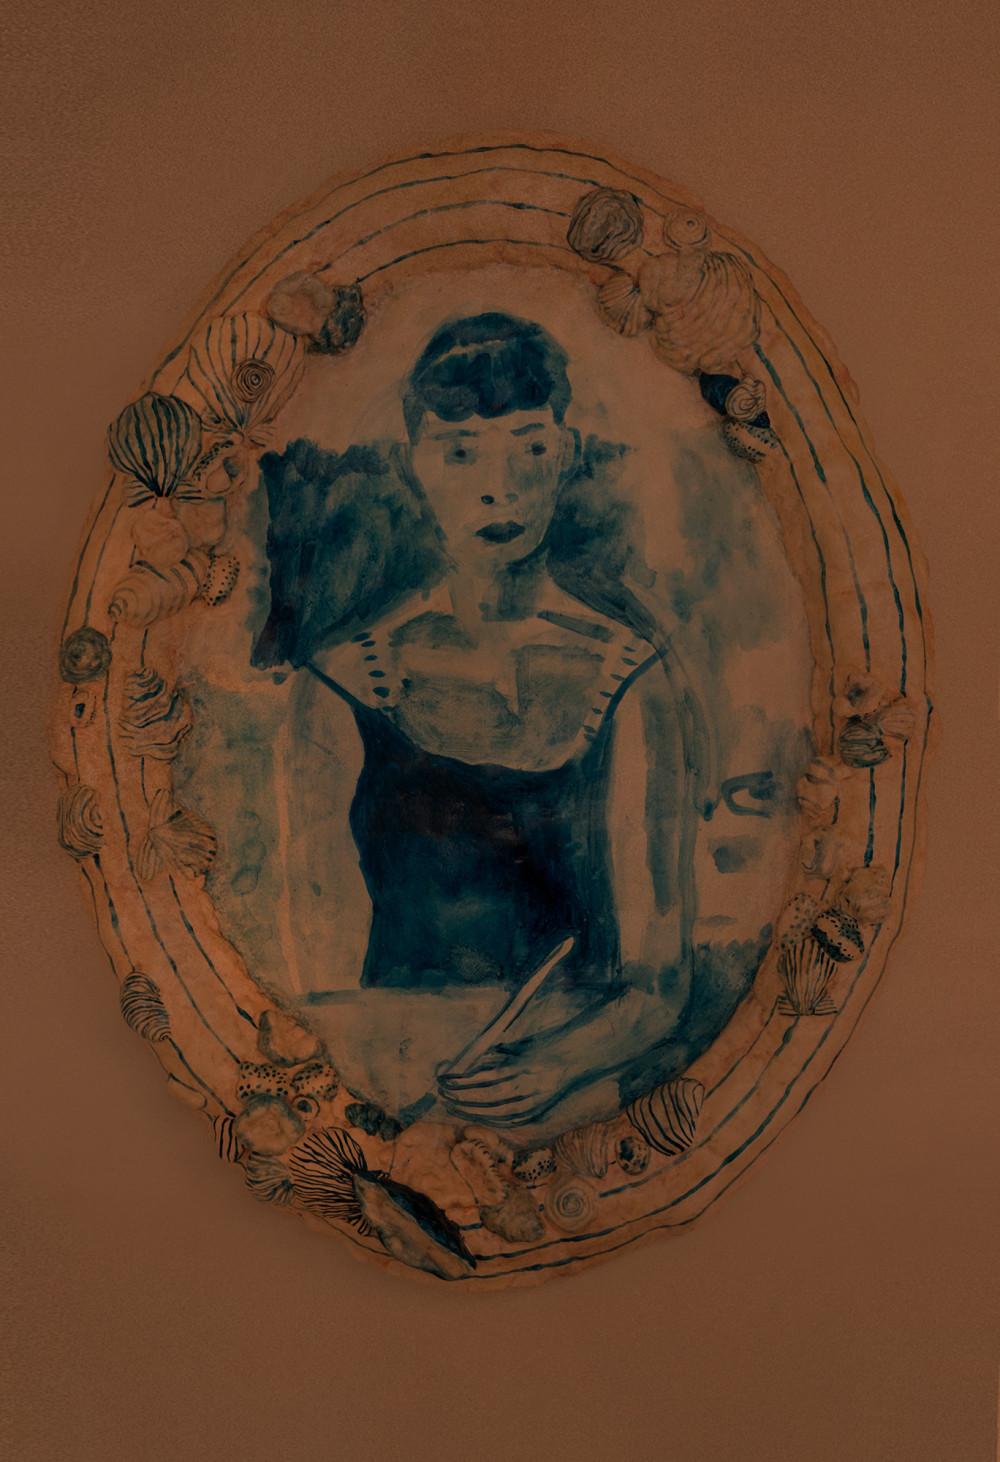 Elizabeth Englander Presentimental, 2013 Papier-mâché and acrylic paint